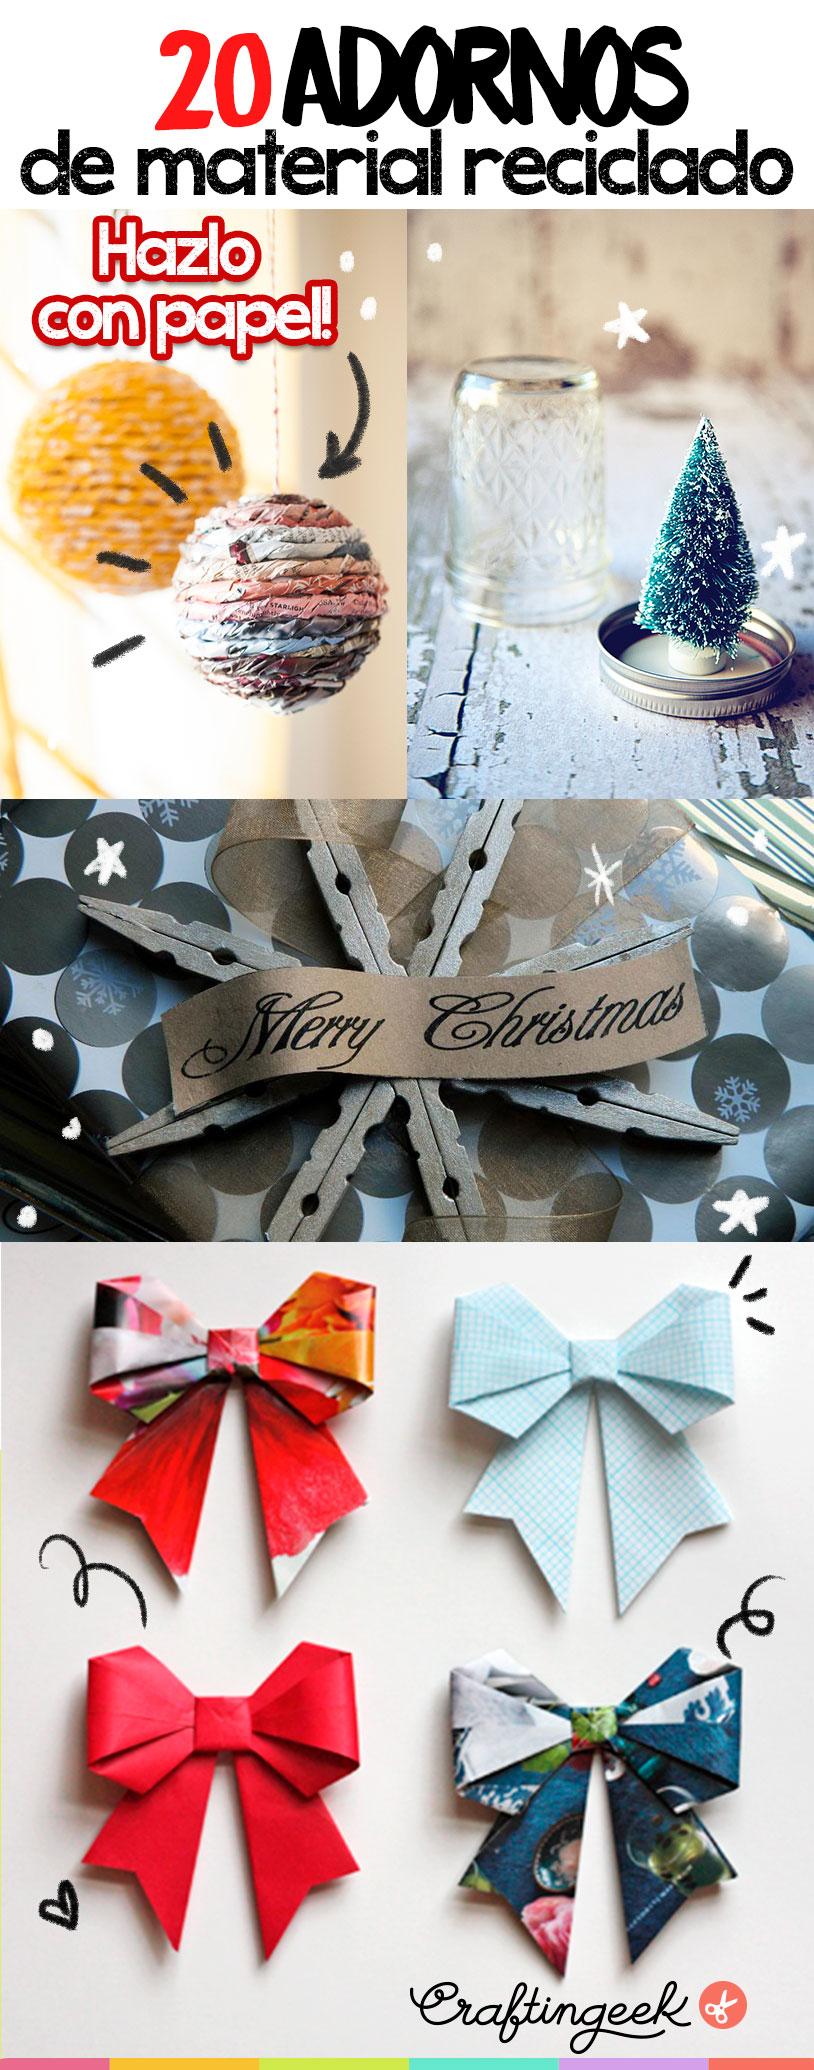 adornos navidad materiales reciclados